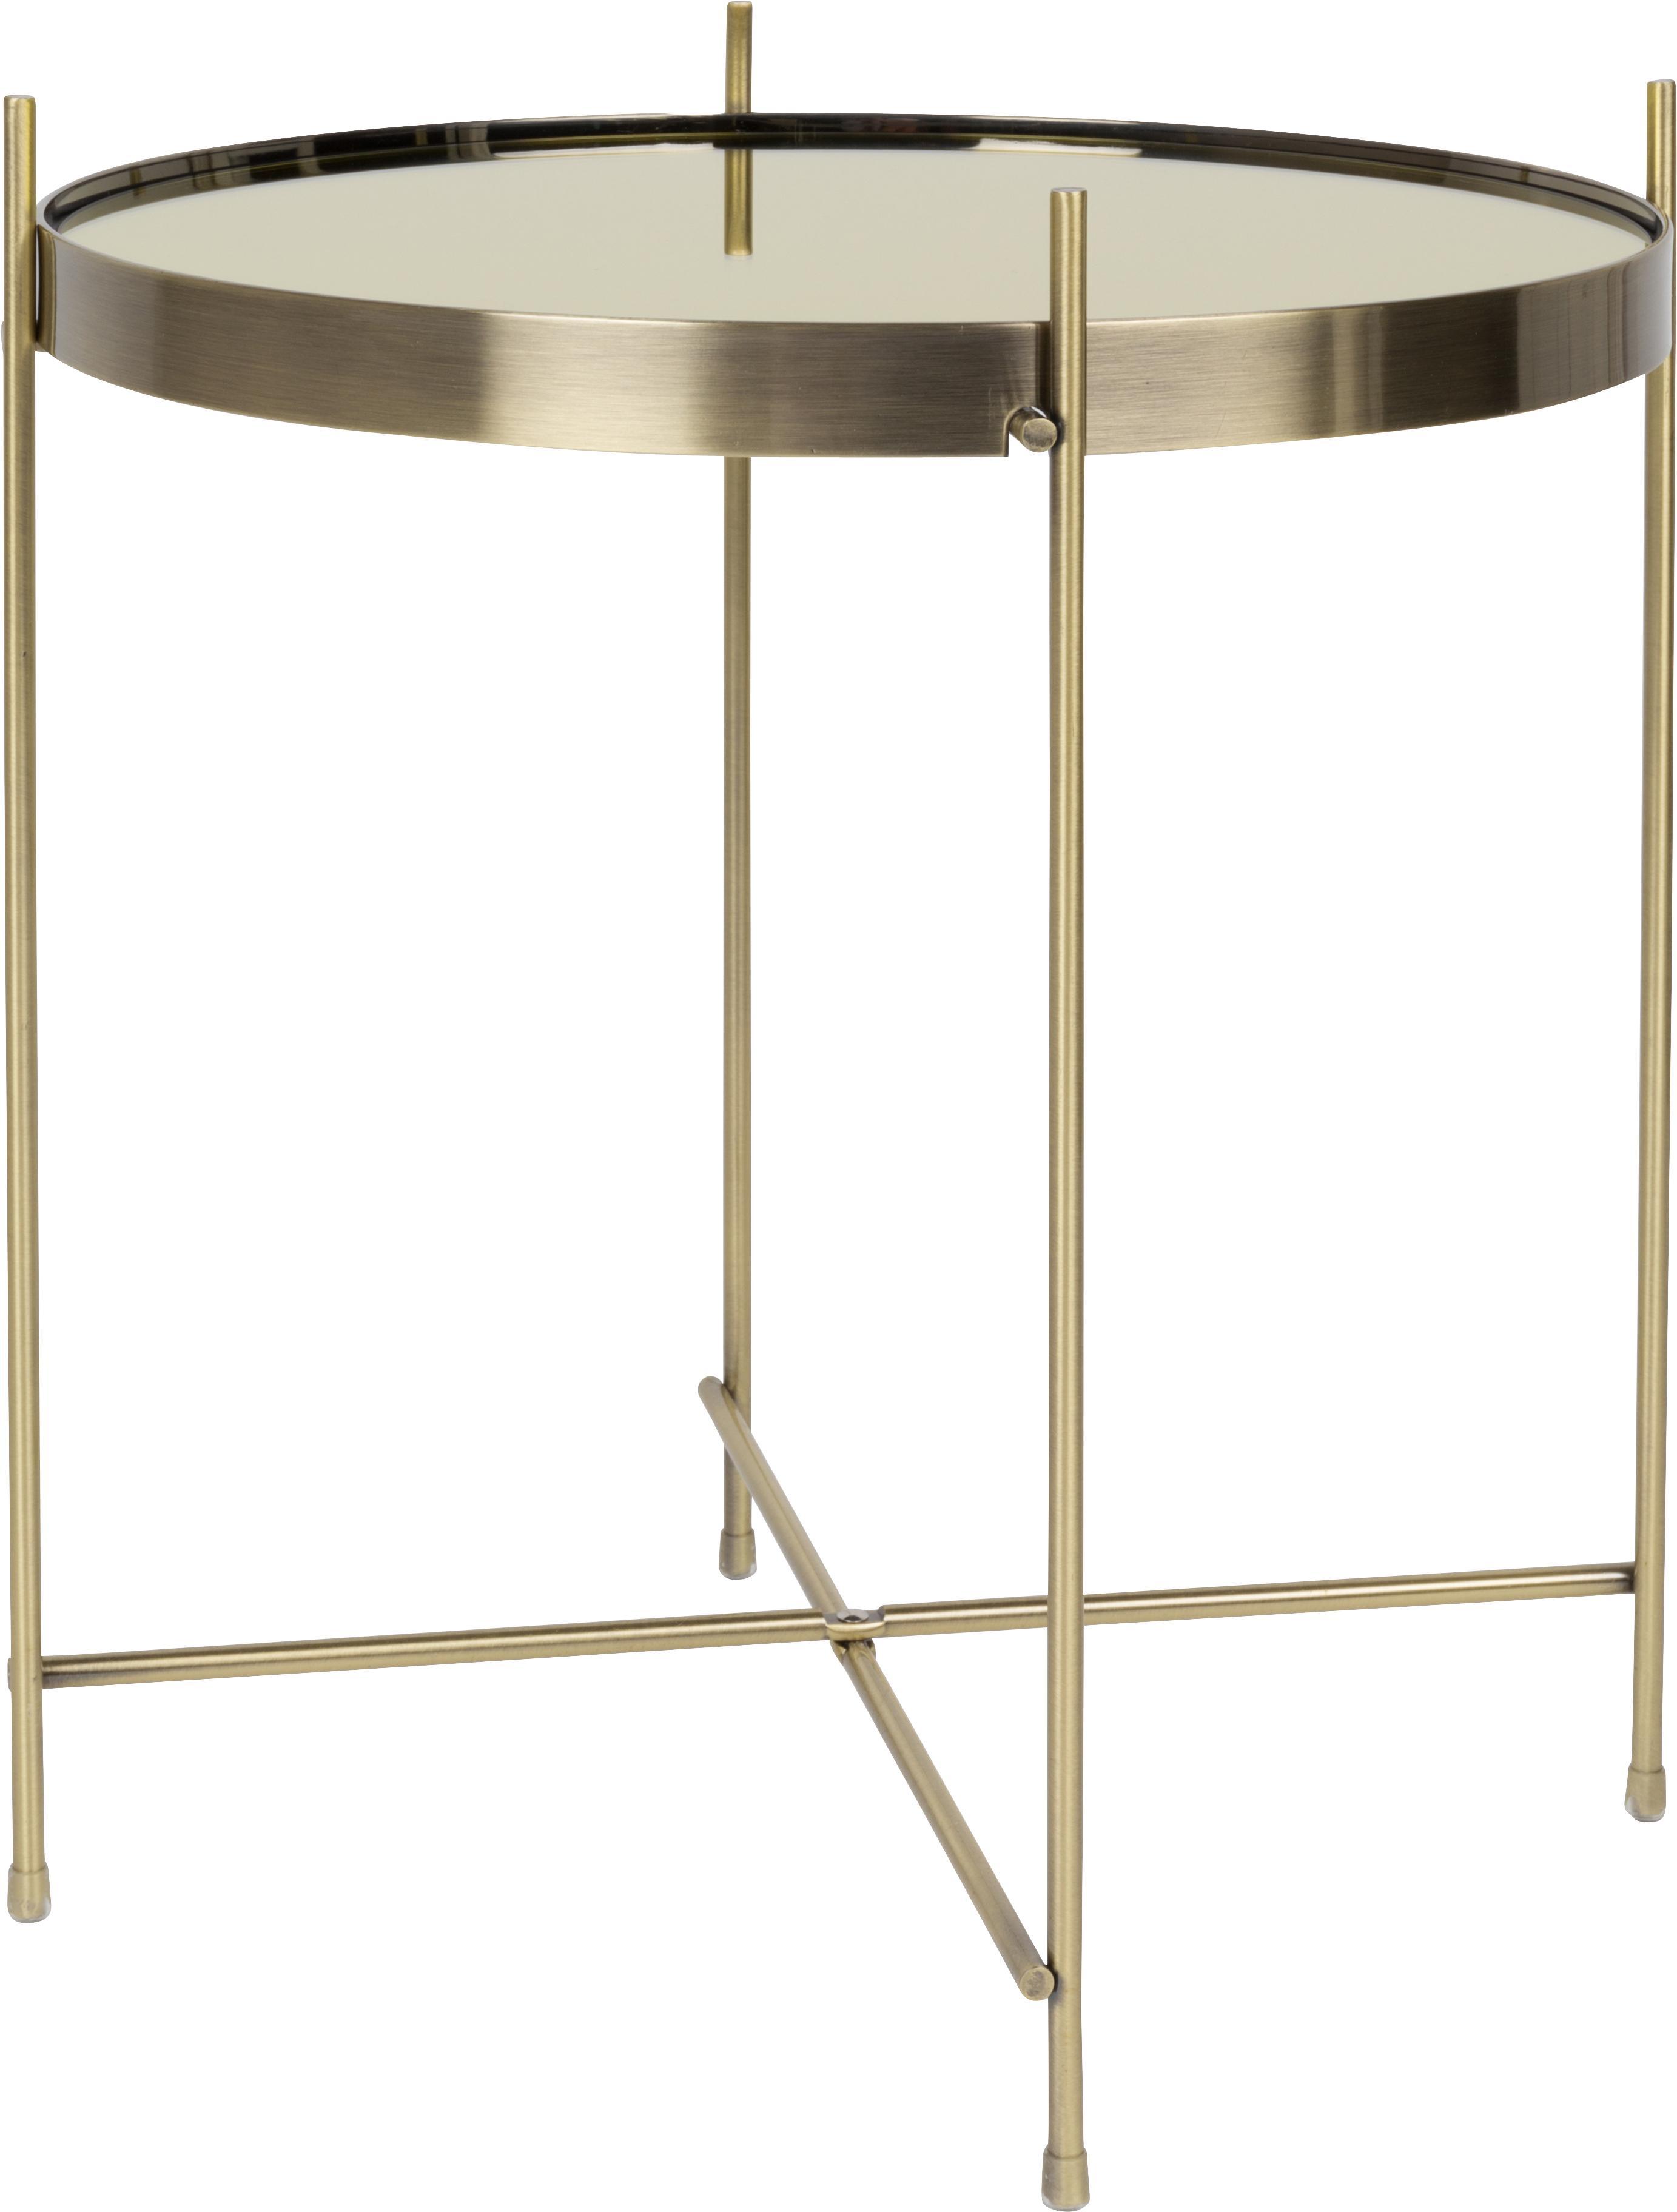 Bijzettafel Cupid met glazen tafelblad, Frame: gepoedercoat metaal, Tafelblad: gelakt spiegelglas, Goudkleurig, Ø 43 x H 45 cm